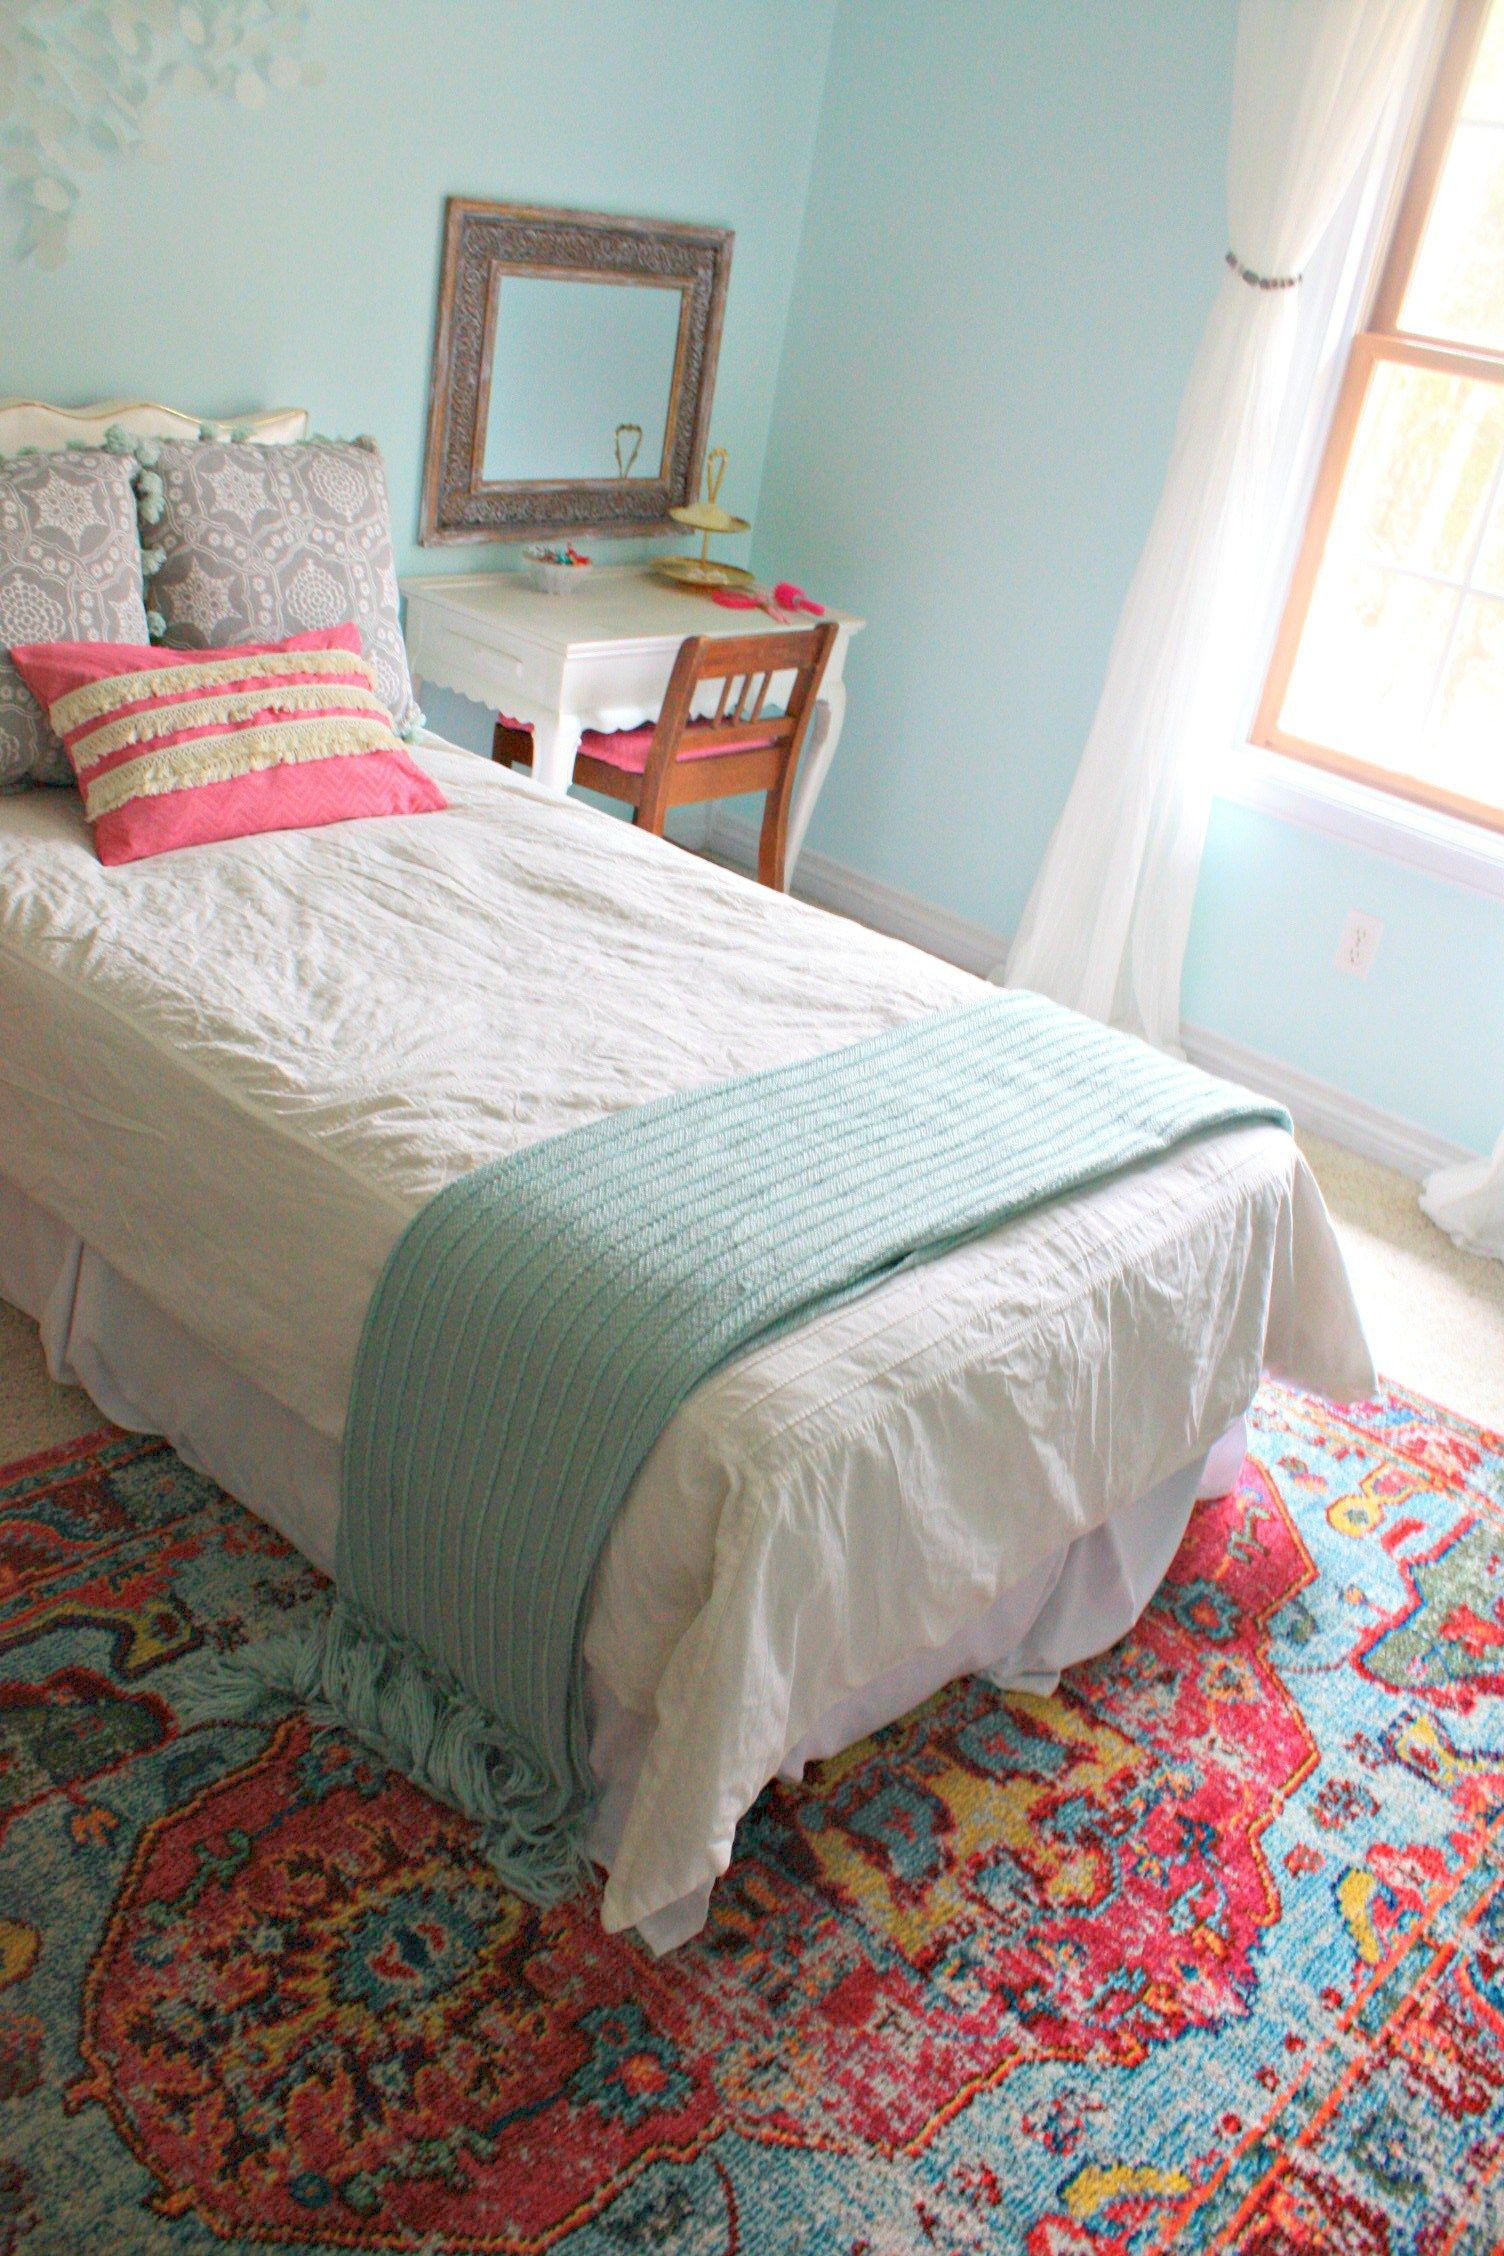 Bedrooms Boho Mermaid Bedroom Reveal u0026 ORC